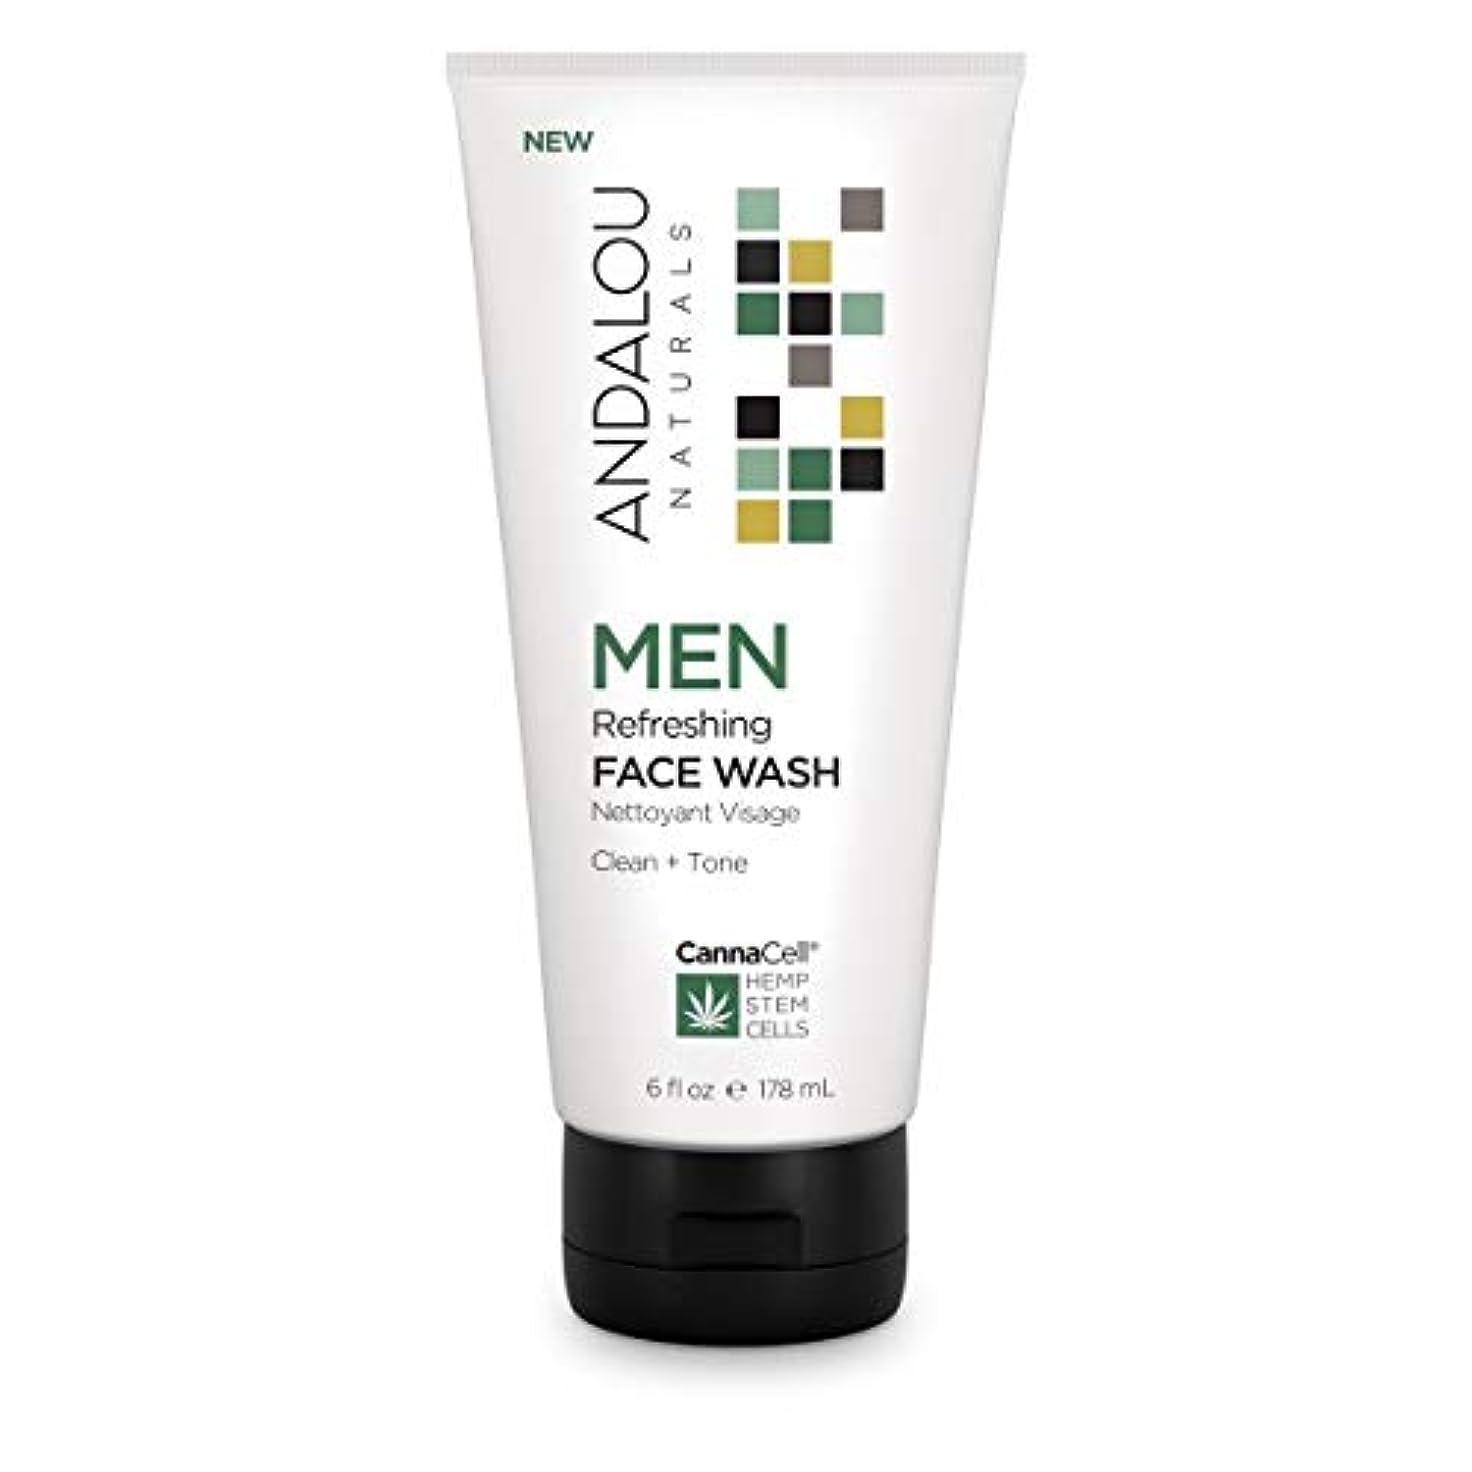 まだお母さん最大化するオーガニック ボタニカル 洗顔料 洗顔フォーム ナチュラル フルーツ幹細胞 ヘンプ幹細胞 「 MEN リフレッシングフェイスウォッシュ 」 ANDALOU naturals アンダルー ナチュラルズ